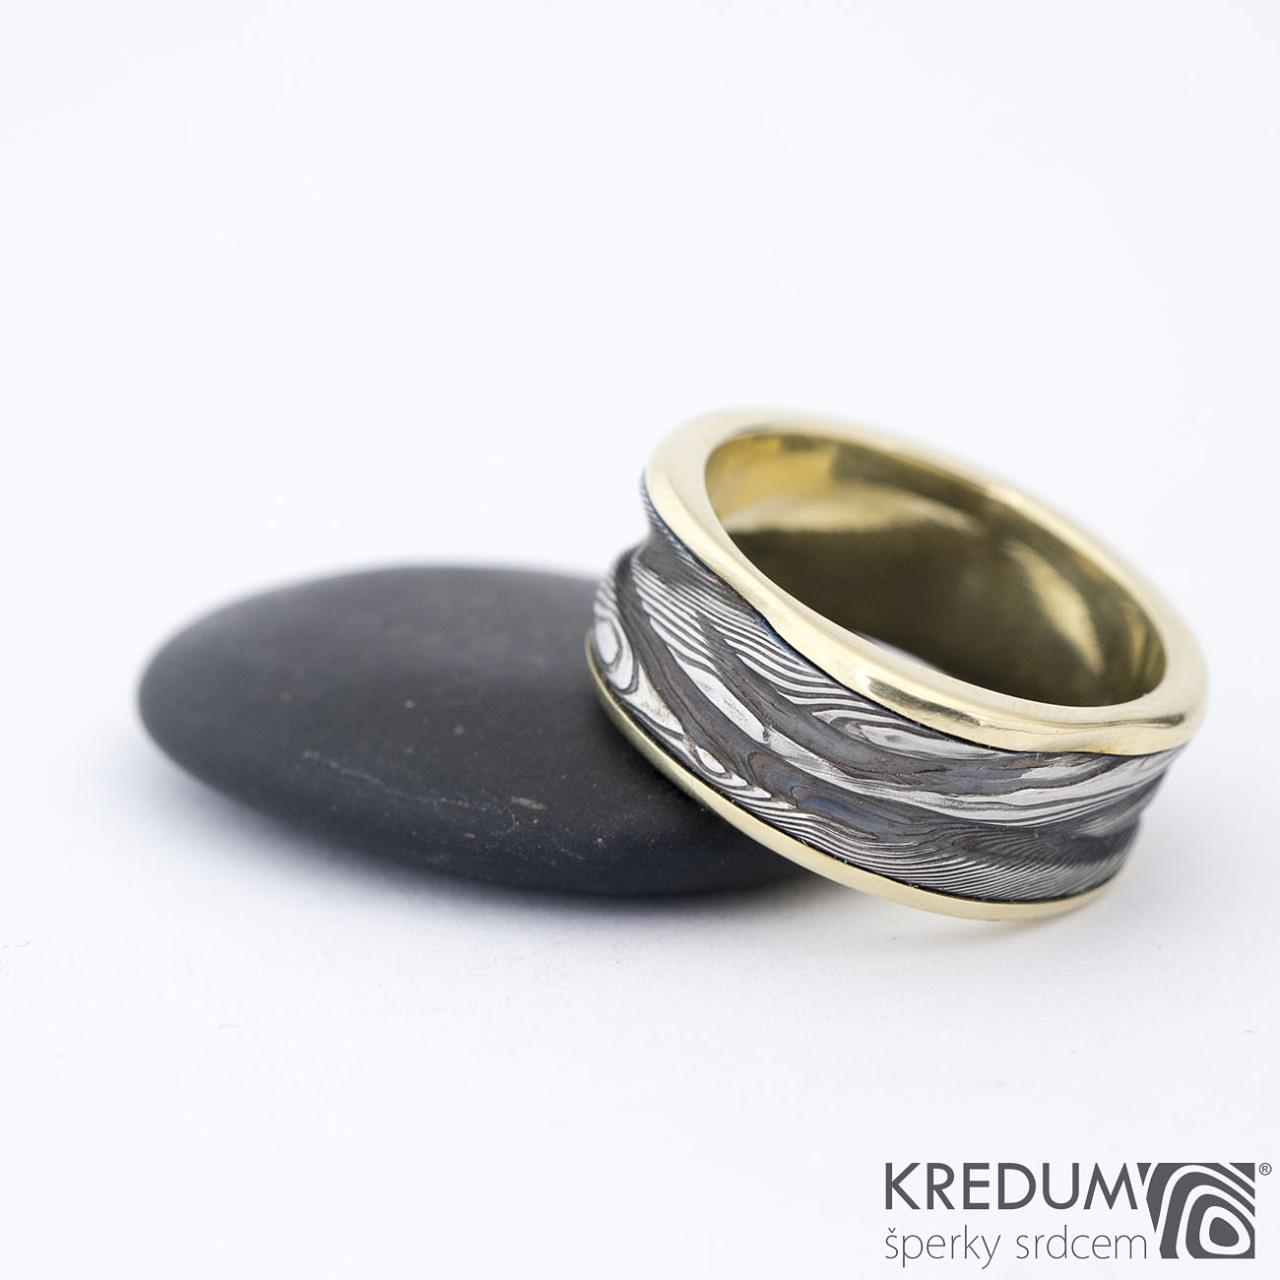 Zlaty Pan Vod Snubni Prsten Damasteel V Kombinaci Se Zlatem